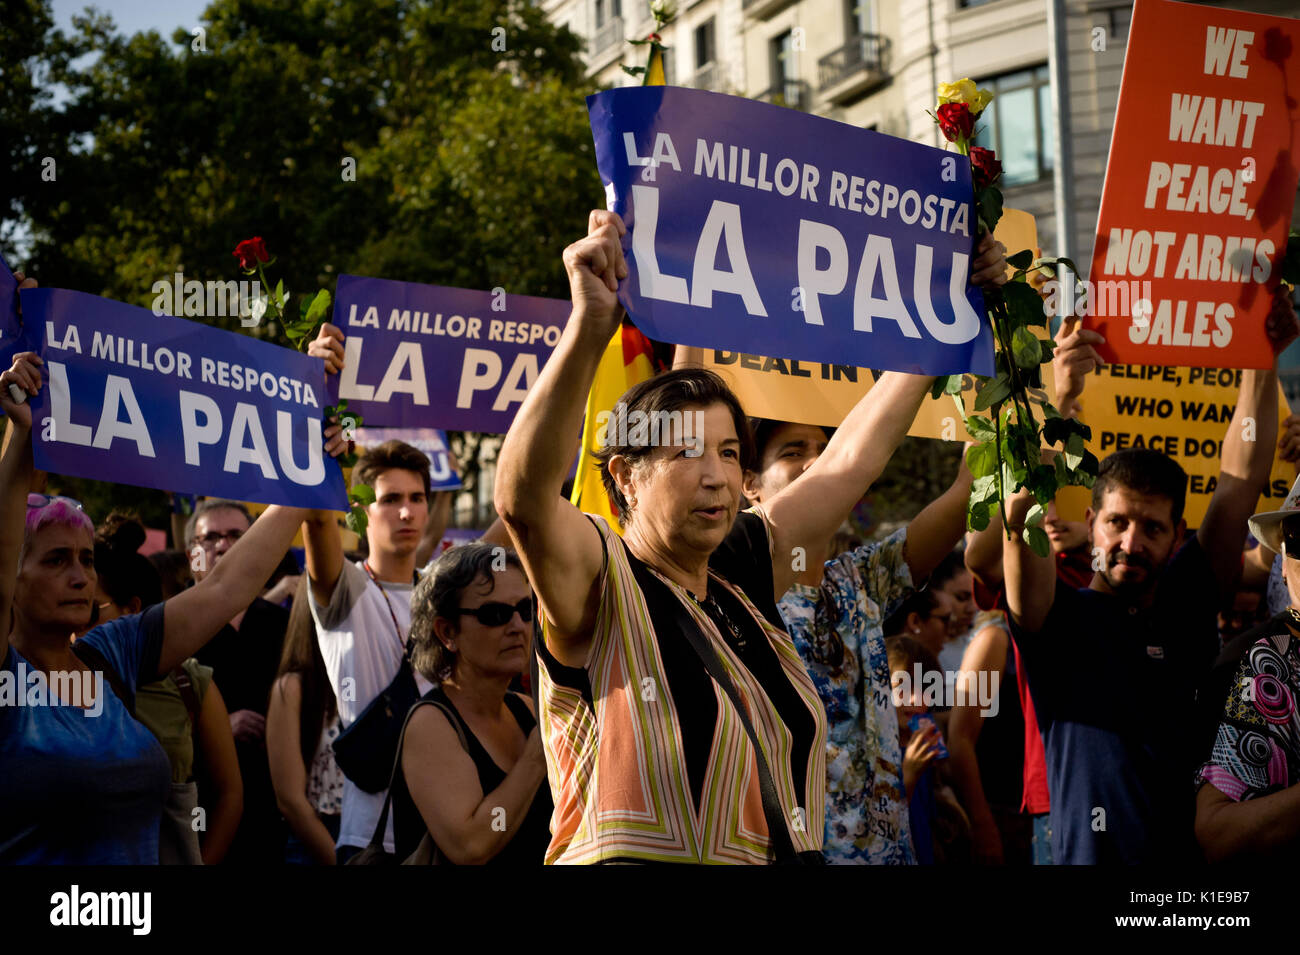 Barcellona, Spagna. 26 Ago, 2017. A Barcellona la gente prende parte ad un marzo contro gli attacchi terroristici. Foto Stock